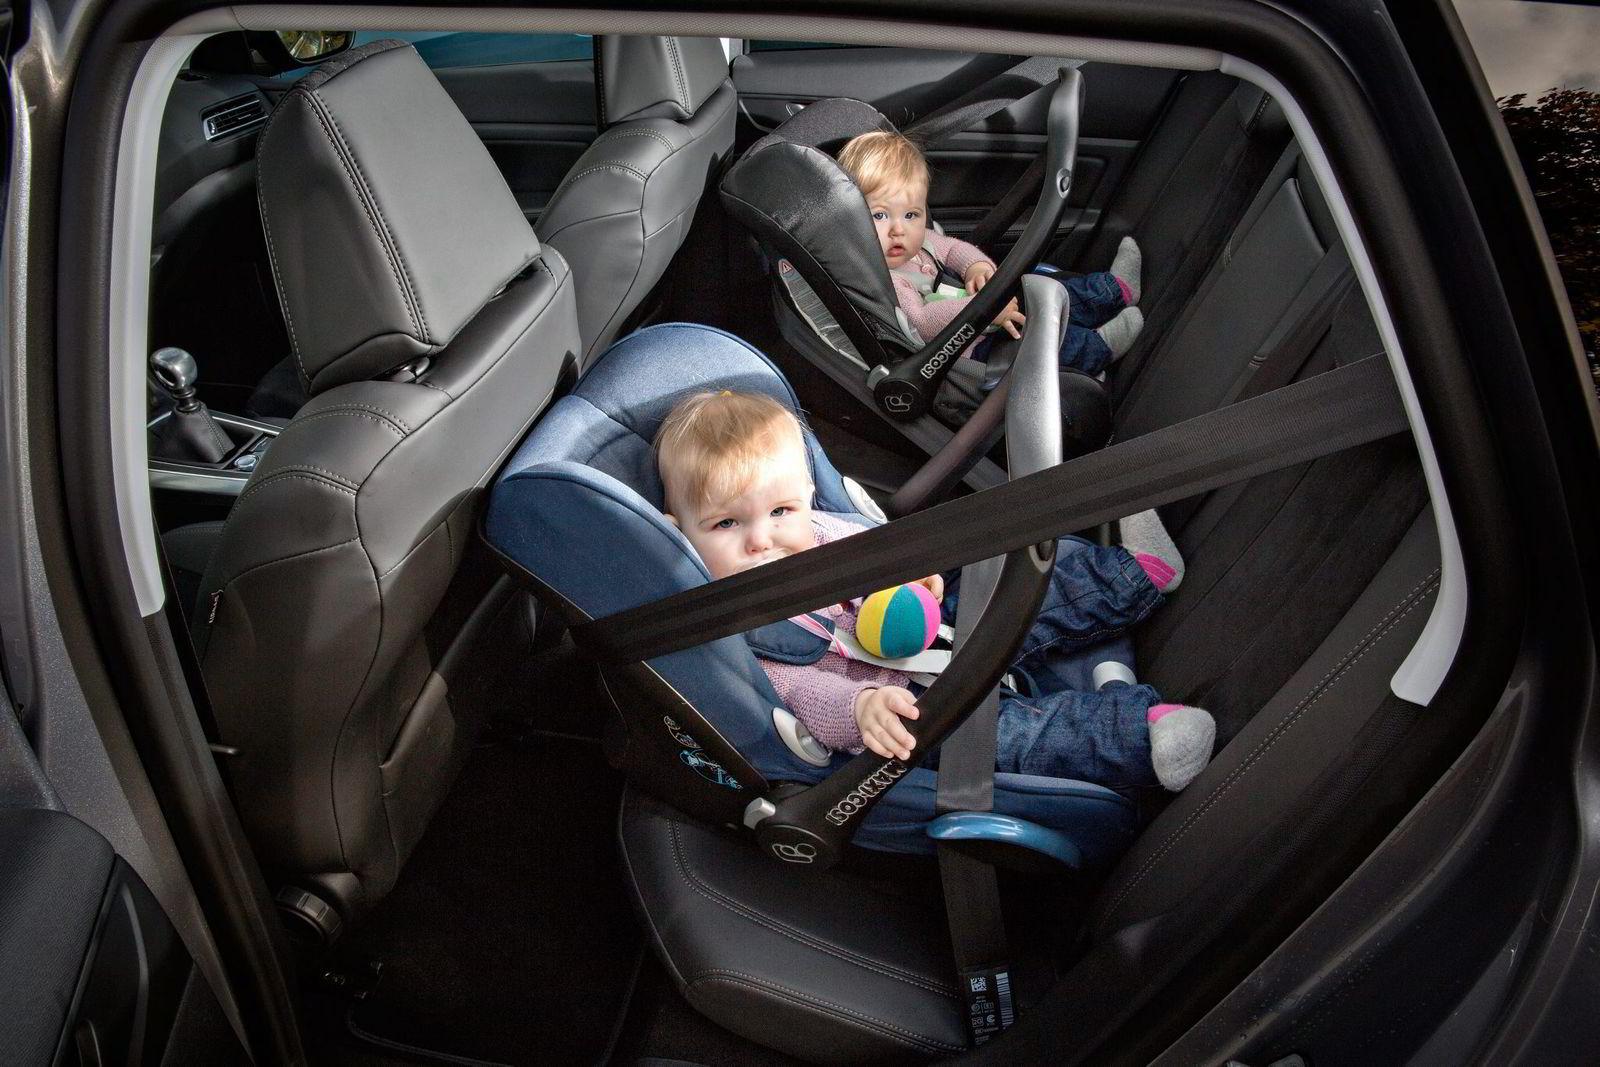 MINDRE BAKSETE. Med størst bagasjerom, får Peugeot 308 den minste plassen i baksetene. Pass på å prøve på forhånd at barnesetene får plass. Foto: Aleksander Nordahl